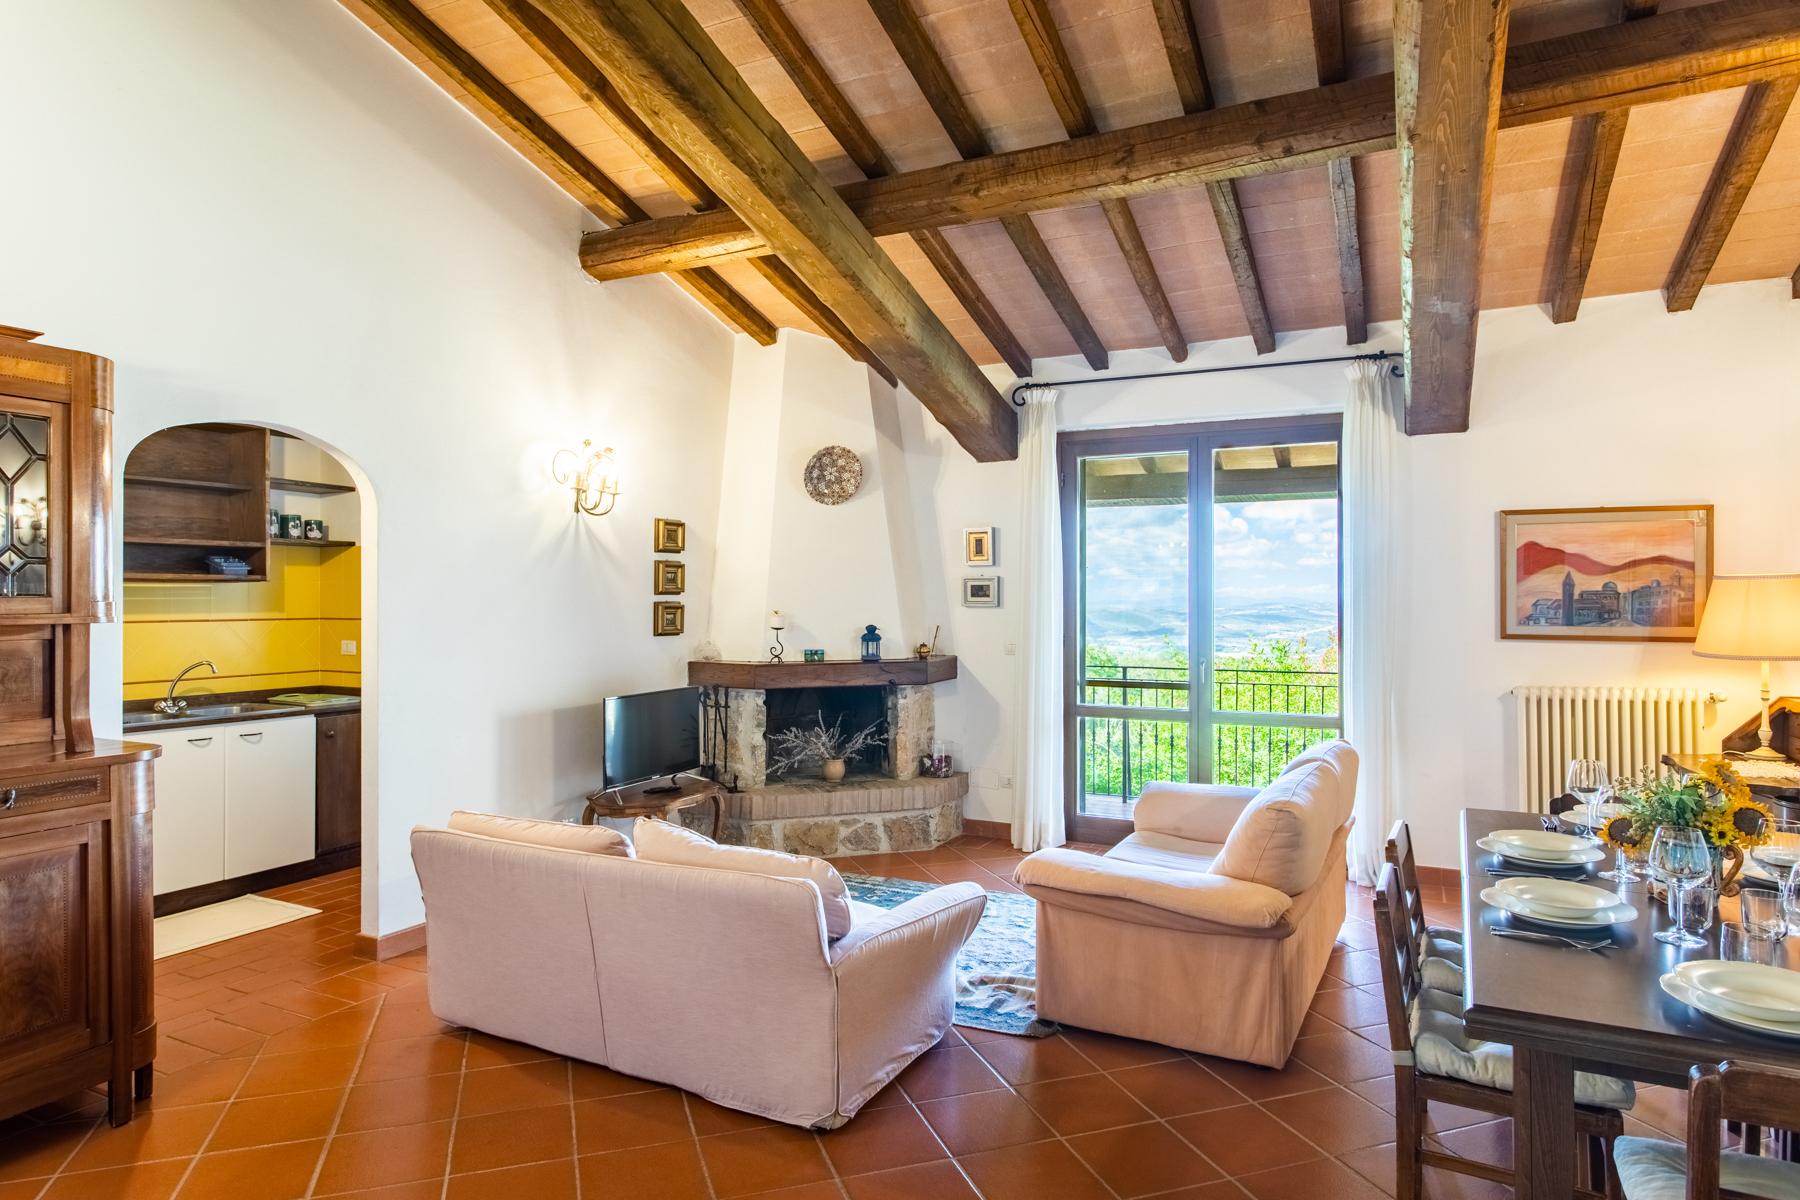 Rustico in Vendita a Manciano: 5 locali, 520 mq - Foto 10